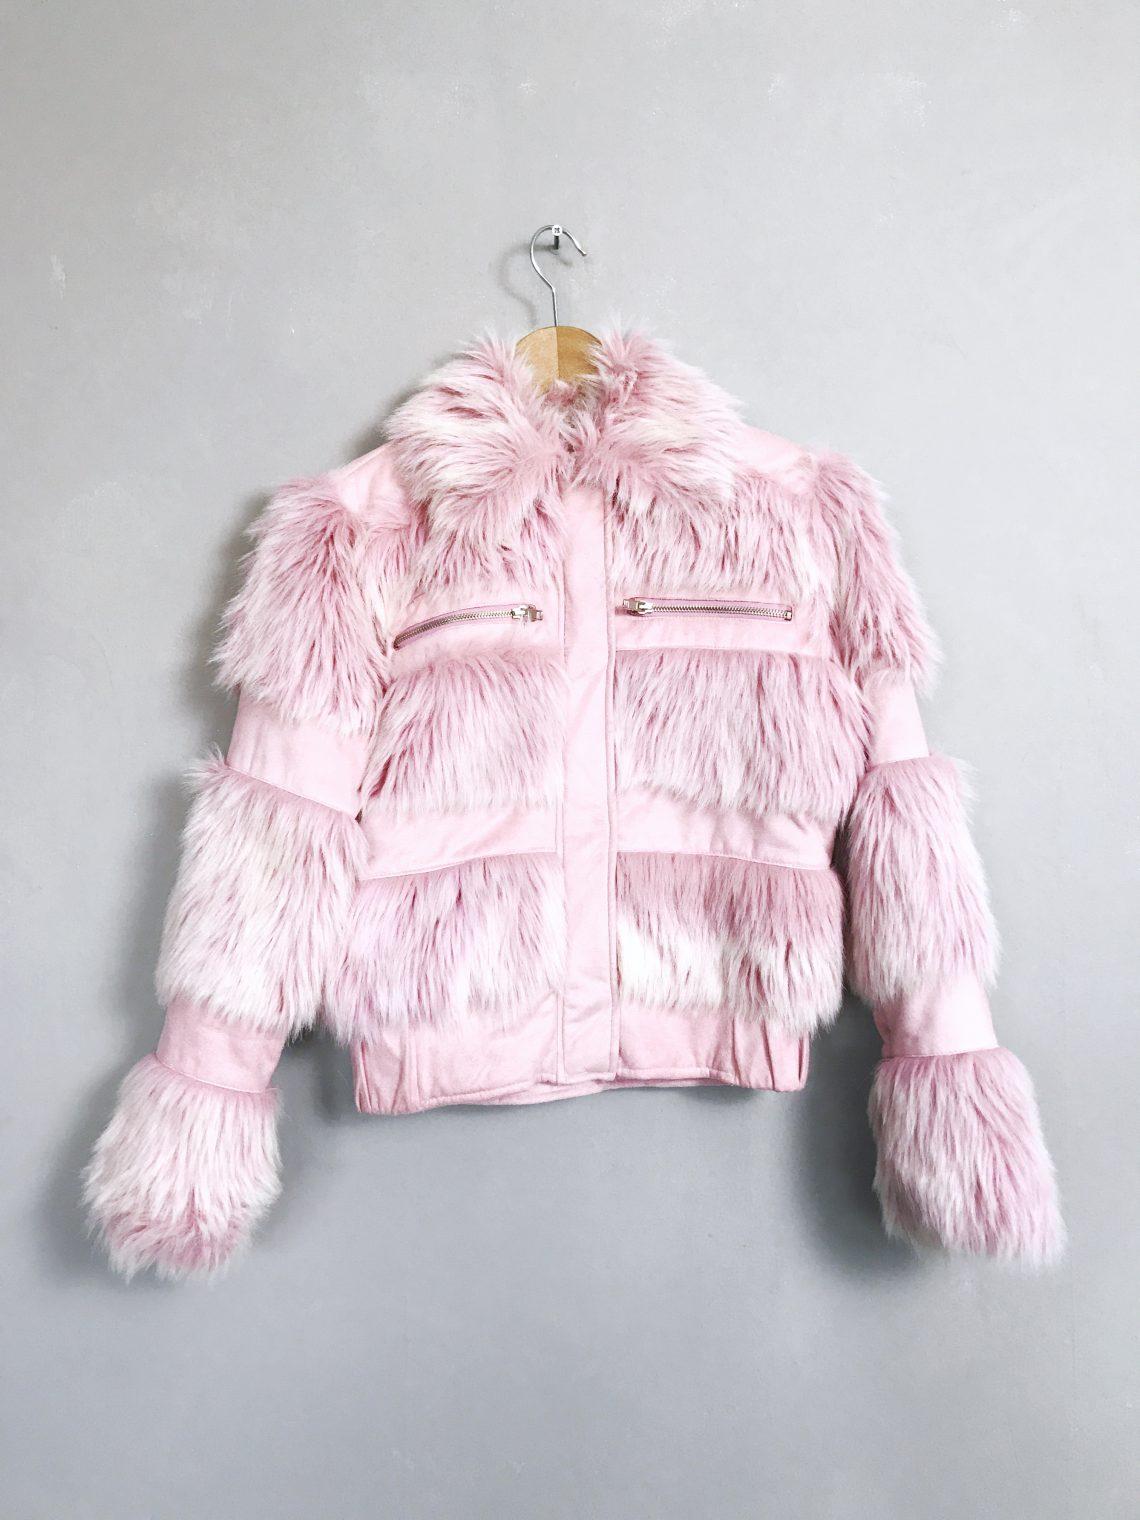 FUSCO 90er Vintage Kunstpelzjacke - 90s fake fur jacket